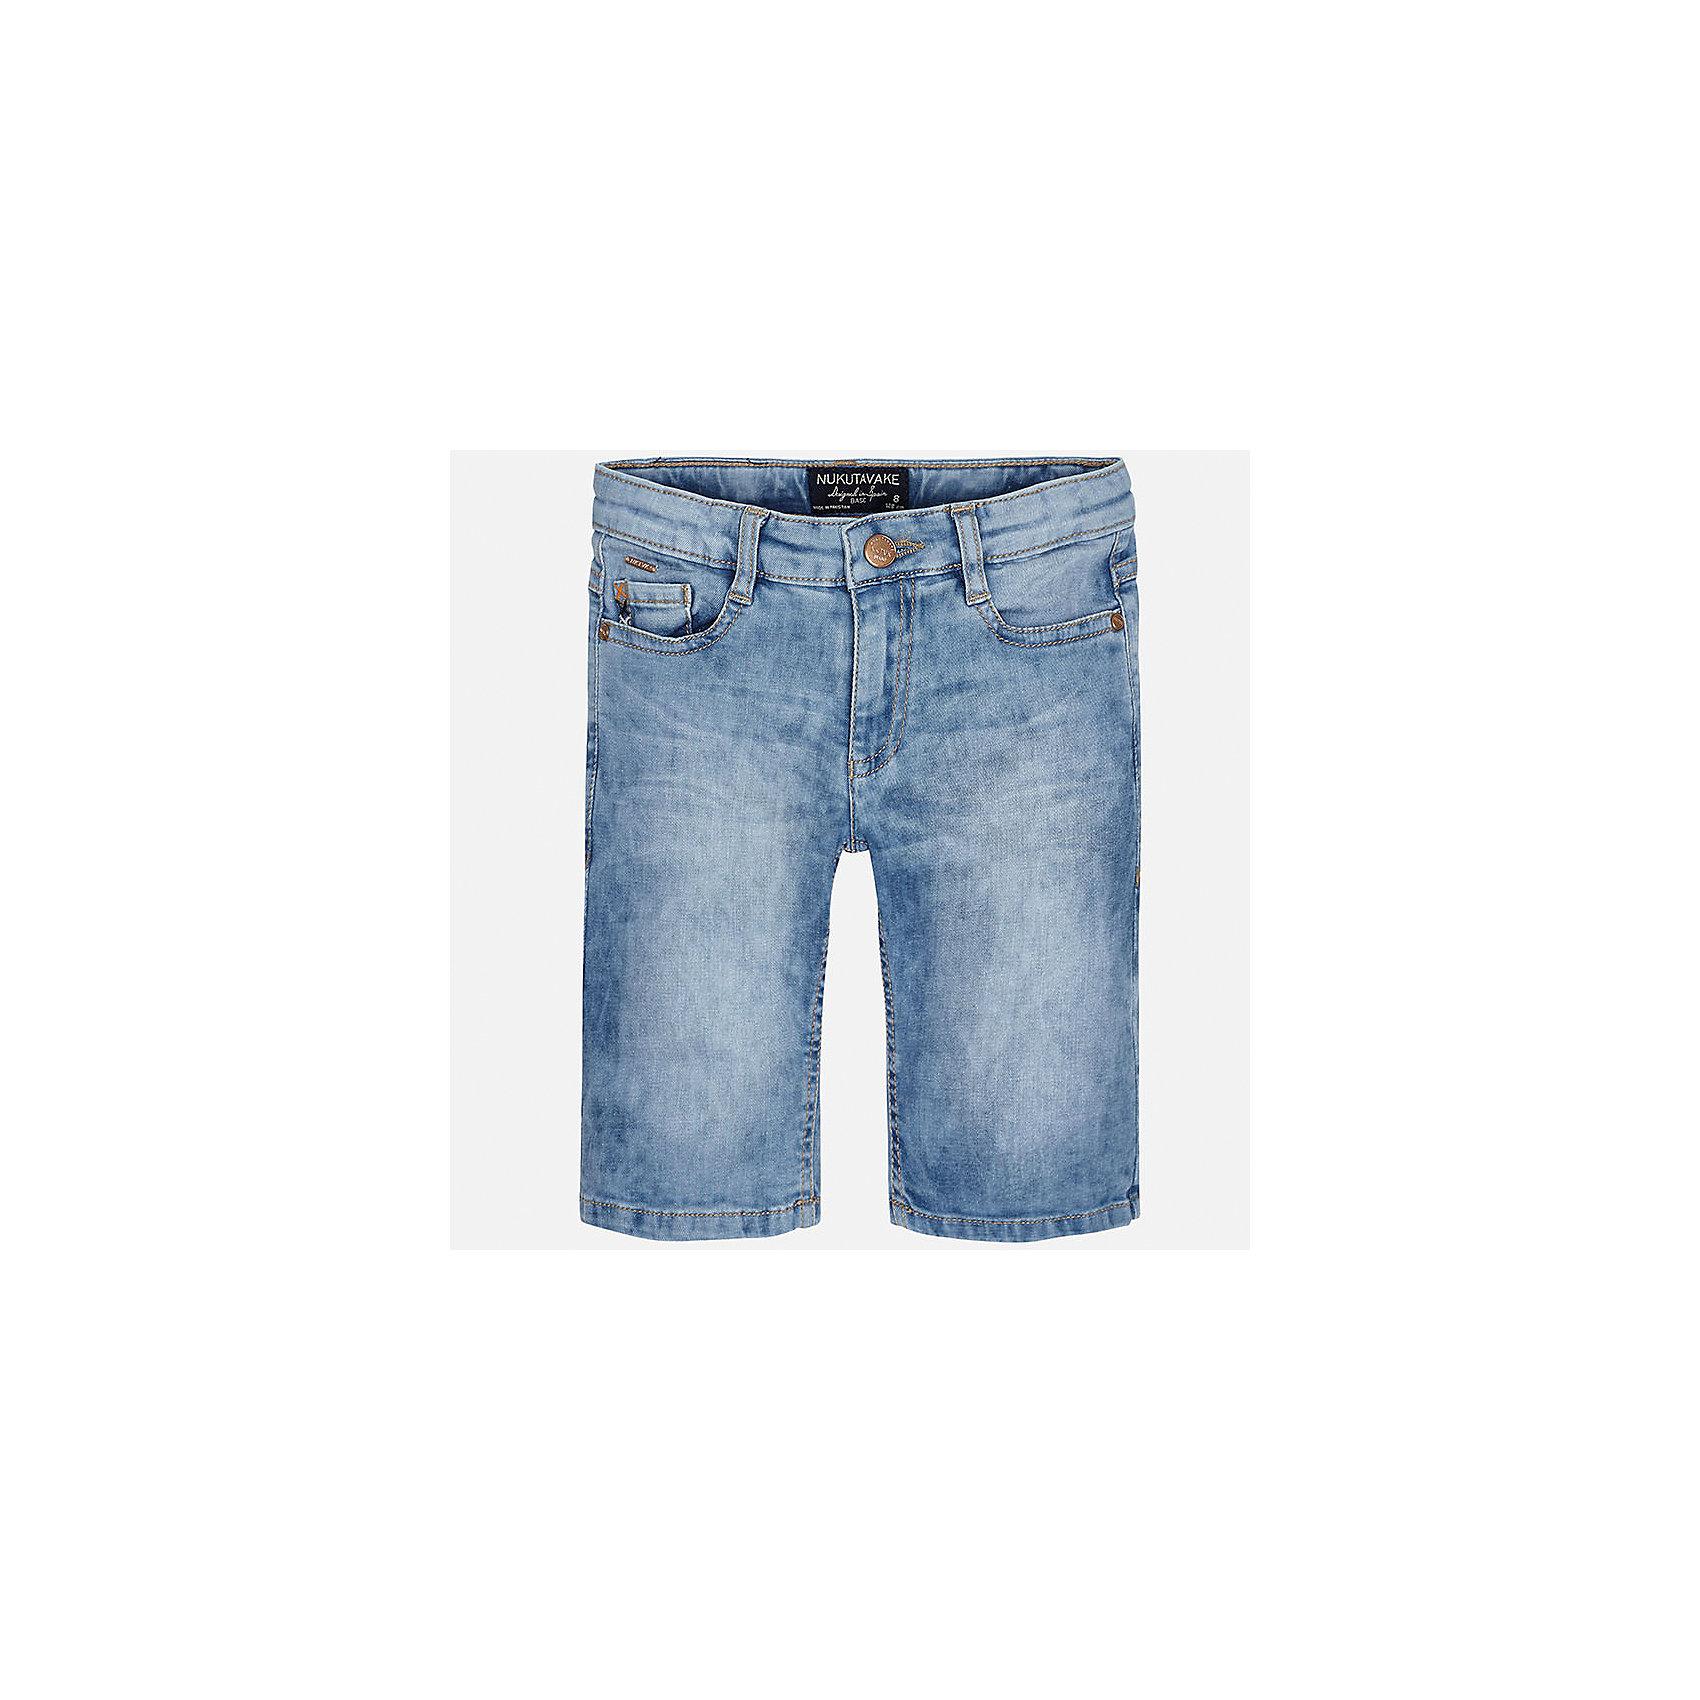 Шорты джинсовые для мальчика MayoralДжинсовая одежда<br>Характеристики товара:<br><br>• цвет: голубой<br>• состав: 97% хлопок, 3% эластан<br>• шлевки<br>• карманы<br>• пояс с регулировкой объема<br>• имитация потертостей<br>• страна бренда: Испания<br><br>Стильные шорты для мальчика смогут стать базовой вещью в гардеробе ребенка. Они отлично сочетаются с майками, футболками, рубашками и т.д. Универсальный крой и цвет позволяет подобрать к вещи верх разных расцветок. Практичное и стильное изделие! В составе материала - натуральный хлопок, гипоаллергенный, приятный на ощупь, дышащий.<br><br>Одежда, обувь и аксессуары от испанского бренда Mayoral полюбились детям и взрослым по всему миру. Модели этой марки - стильные и удобные. Для их производства используются только безопасные, качественные материалы и фурнитура. Порадуйте ребенка модными и красивыми вещами от Mayoral! <br><br>Шорты для мальчика от испанского бренда Mayoral (Майорал) можно купить в нашем интернет-магазине.<br><br>Ширина мм: 191<br>Глубина мм: 10<br>Высота мм: 175<br>Вес г: 273<br>Цвет: синий<br>Возраст от месяцев: 144<br>Возраст до месяцев: 156<br>Пол: Мужской<br>Возраст: Детский<br>Размер: 164,128/134,170,158,152,140<br>SKU: 5281729